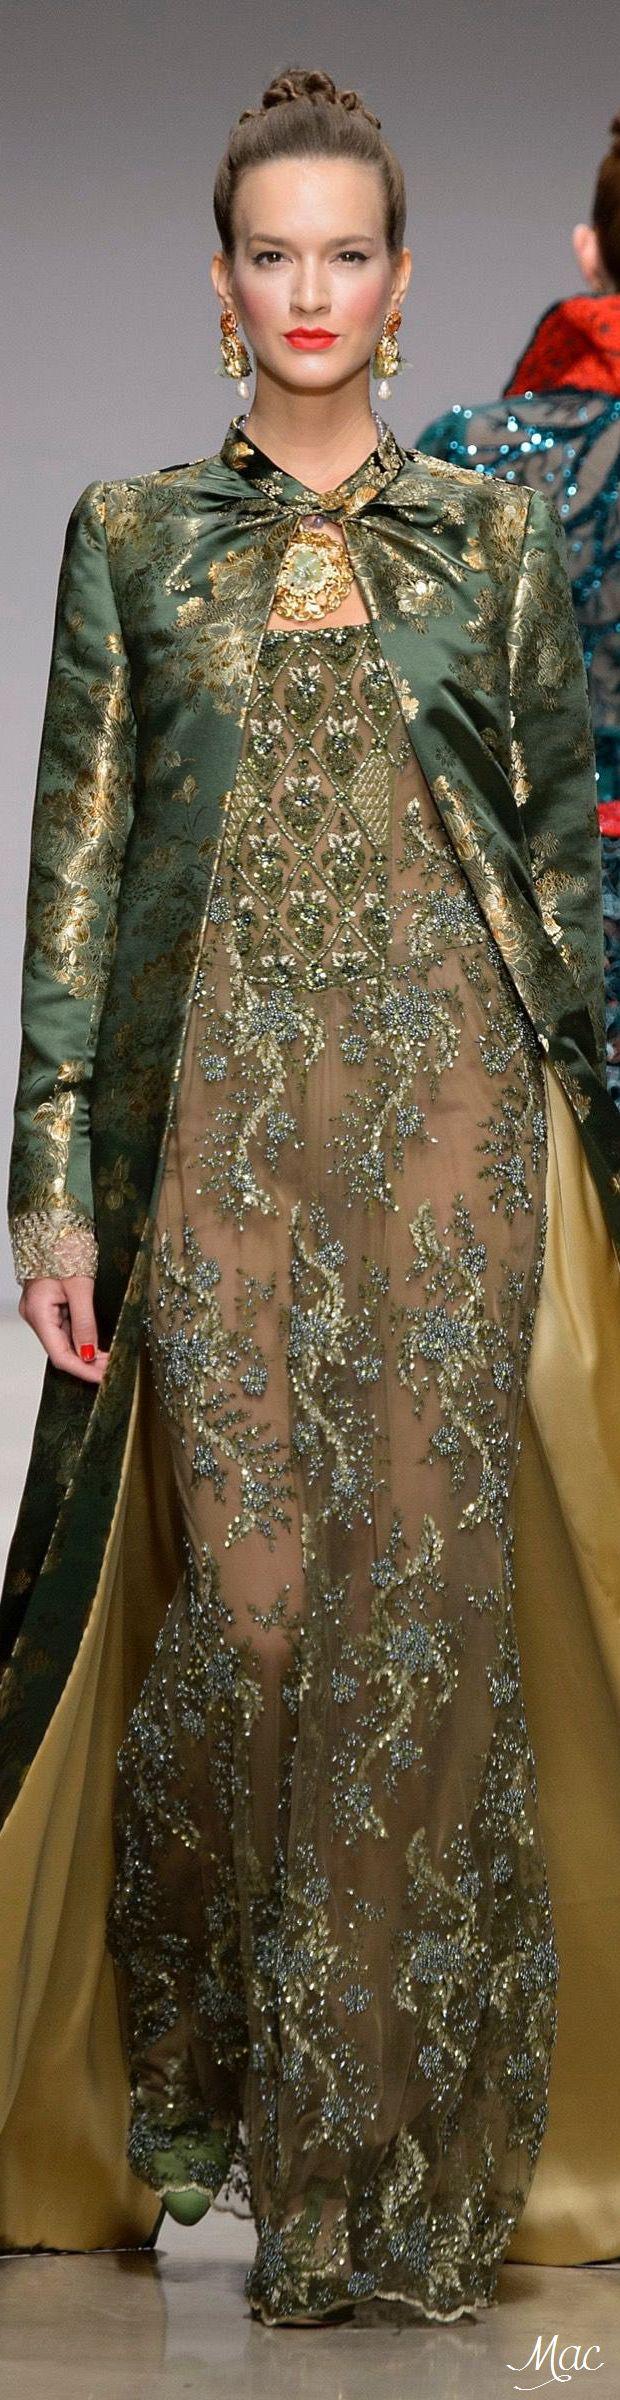 Raffaella Curiel Fall 2015 Couture